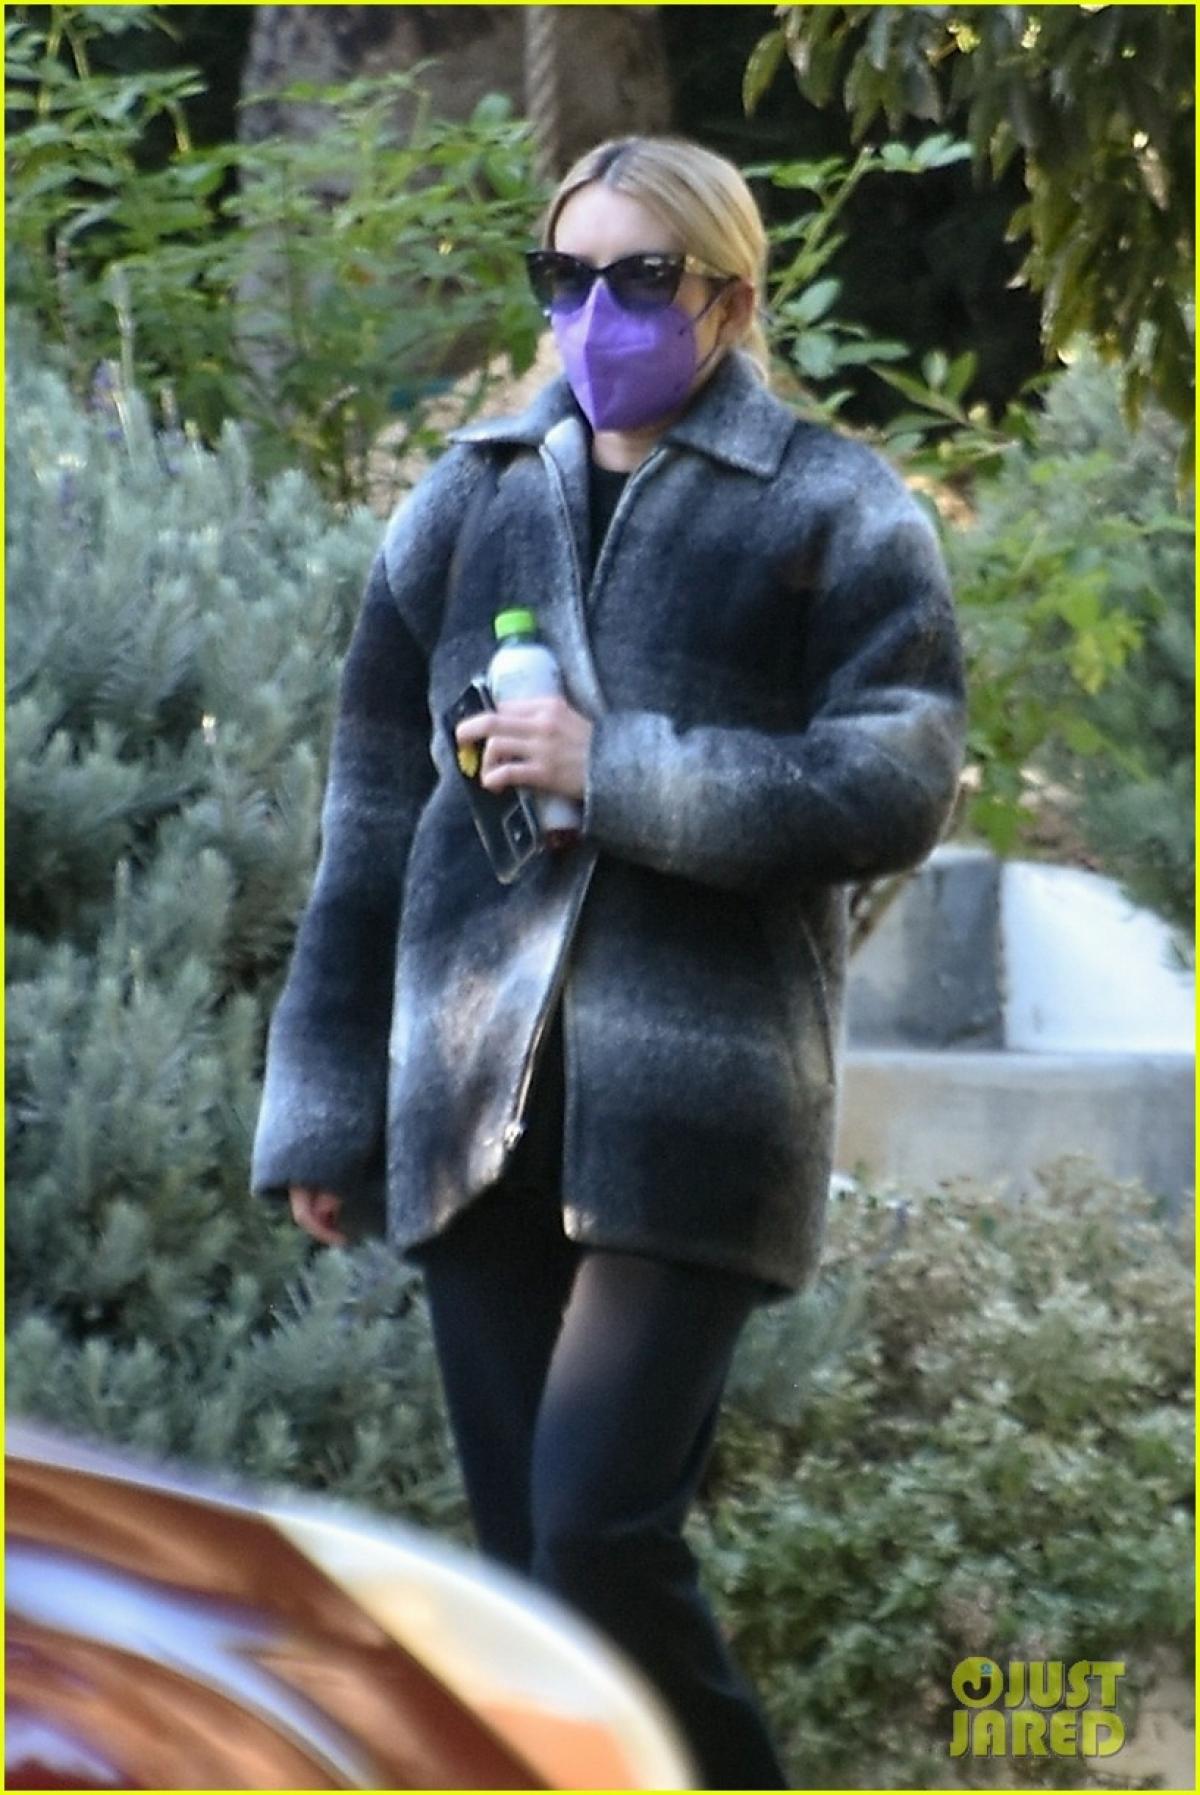 Emma Roberts đã hạ sinh con trai đầu lòng vào ngày 27/12 năm ngoái tại một bệnh viện ở Los Angeles.